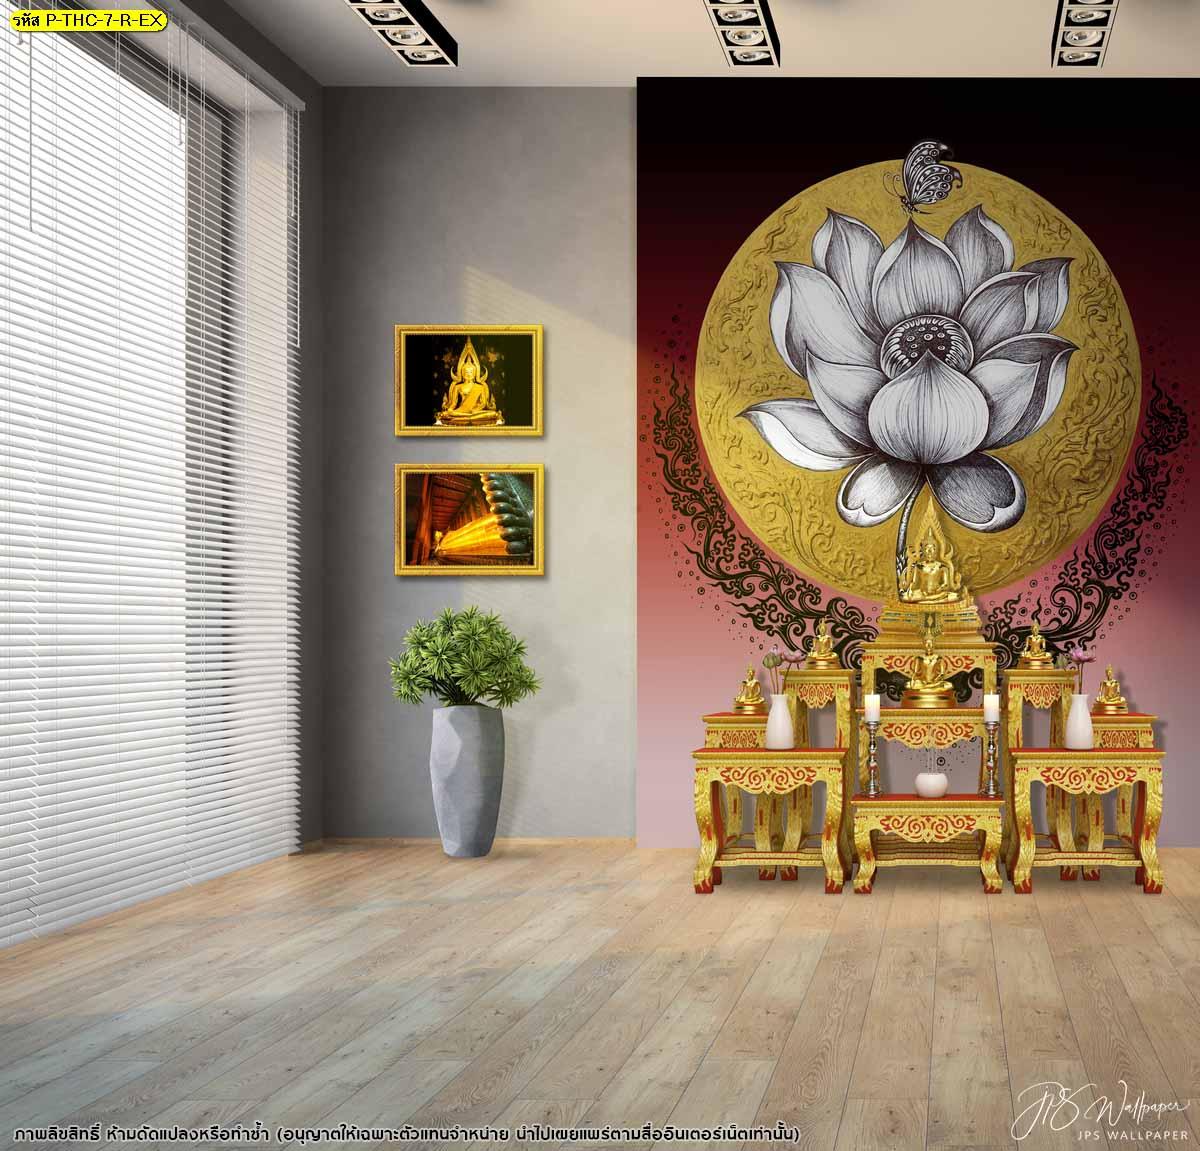 วอลเปเปอร์สั่งปริ้นลายไทยดอกบัวพื้นหลังวงกลมสีทอง ออกแบบห้องพระสีแดงลายดอกบัว